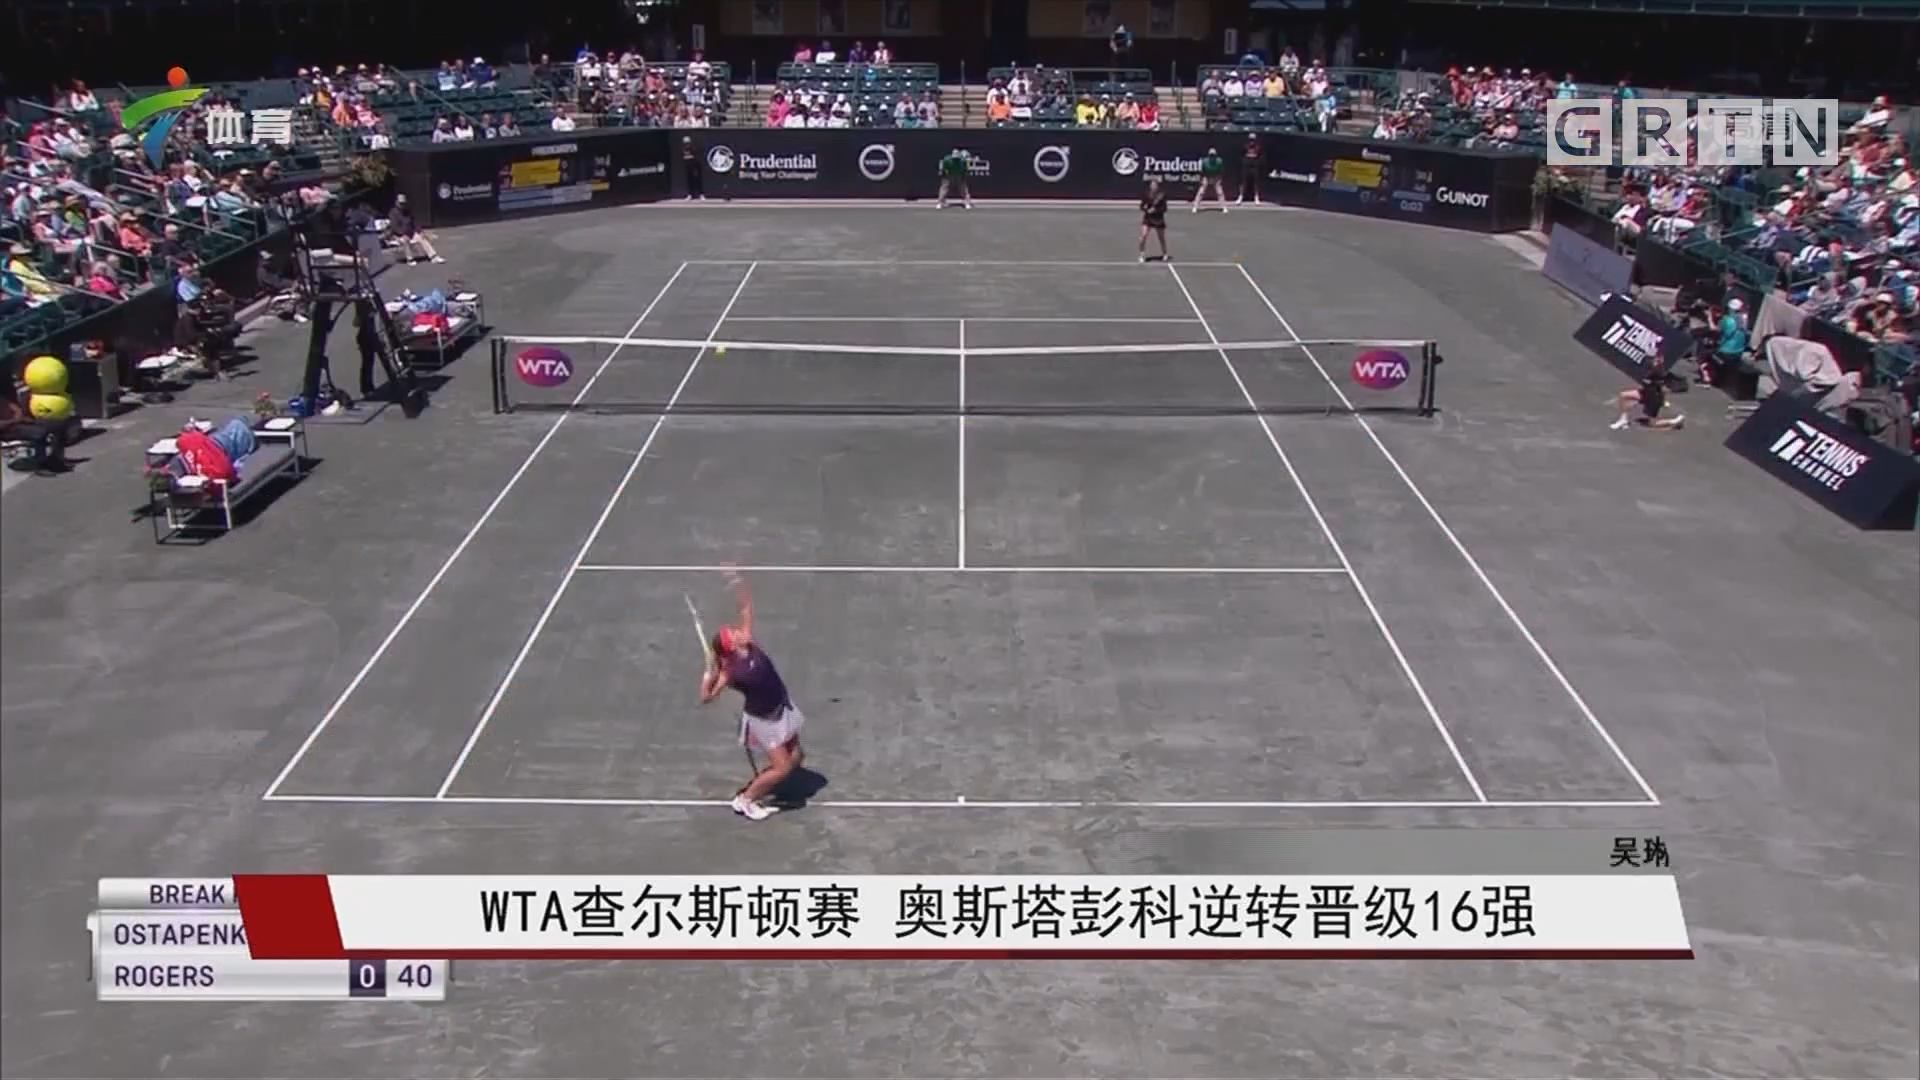 WTA查尔斯顿赛 奥斯塔彭科逆转晋级16强